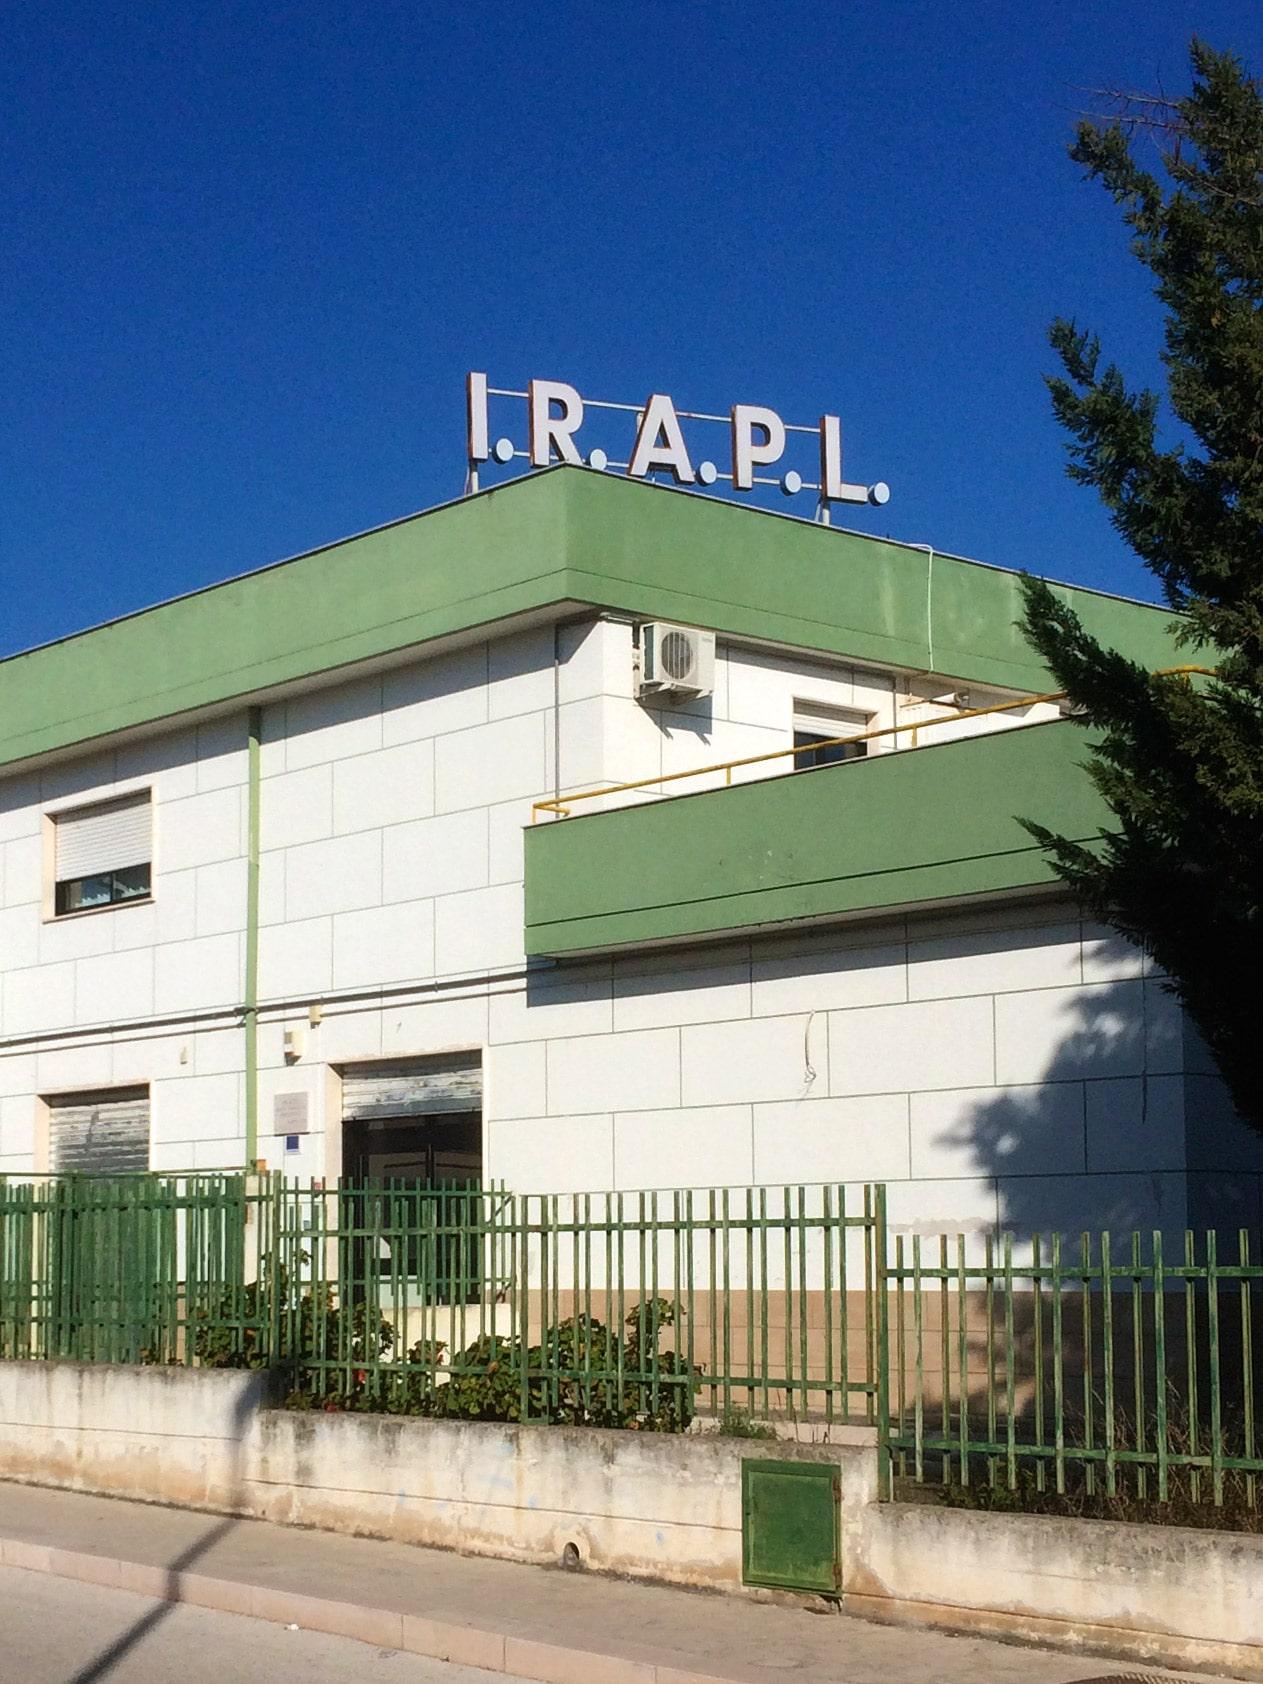 L IRAPL Ente di Formazione riconosciuto dalla Regione Puglia nella sua quarantennale attivit nel circuito della formazione professionale opera nell ambito